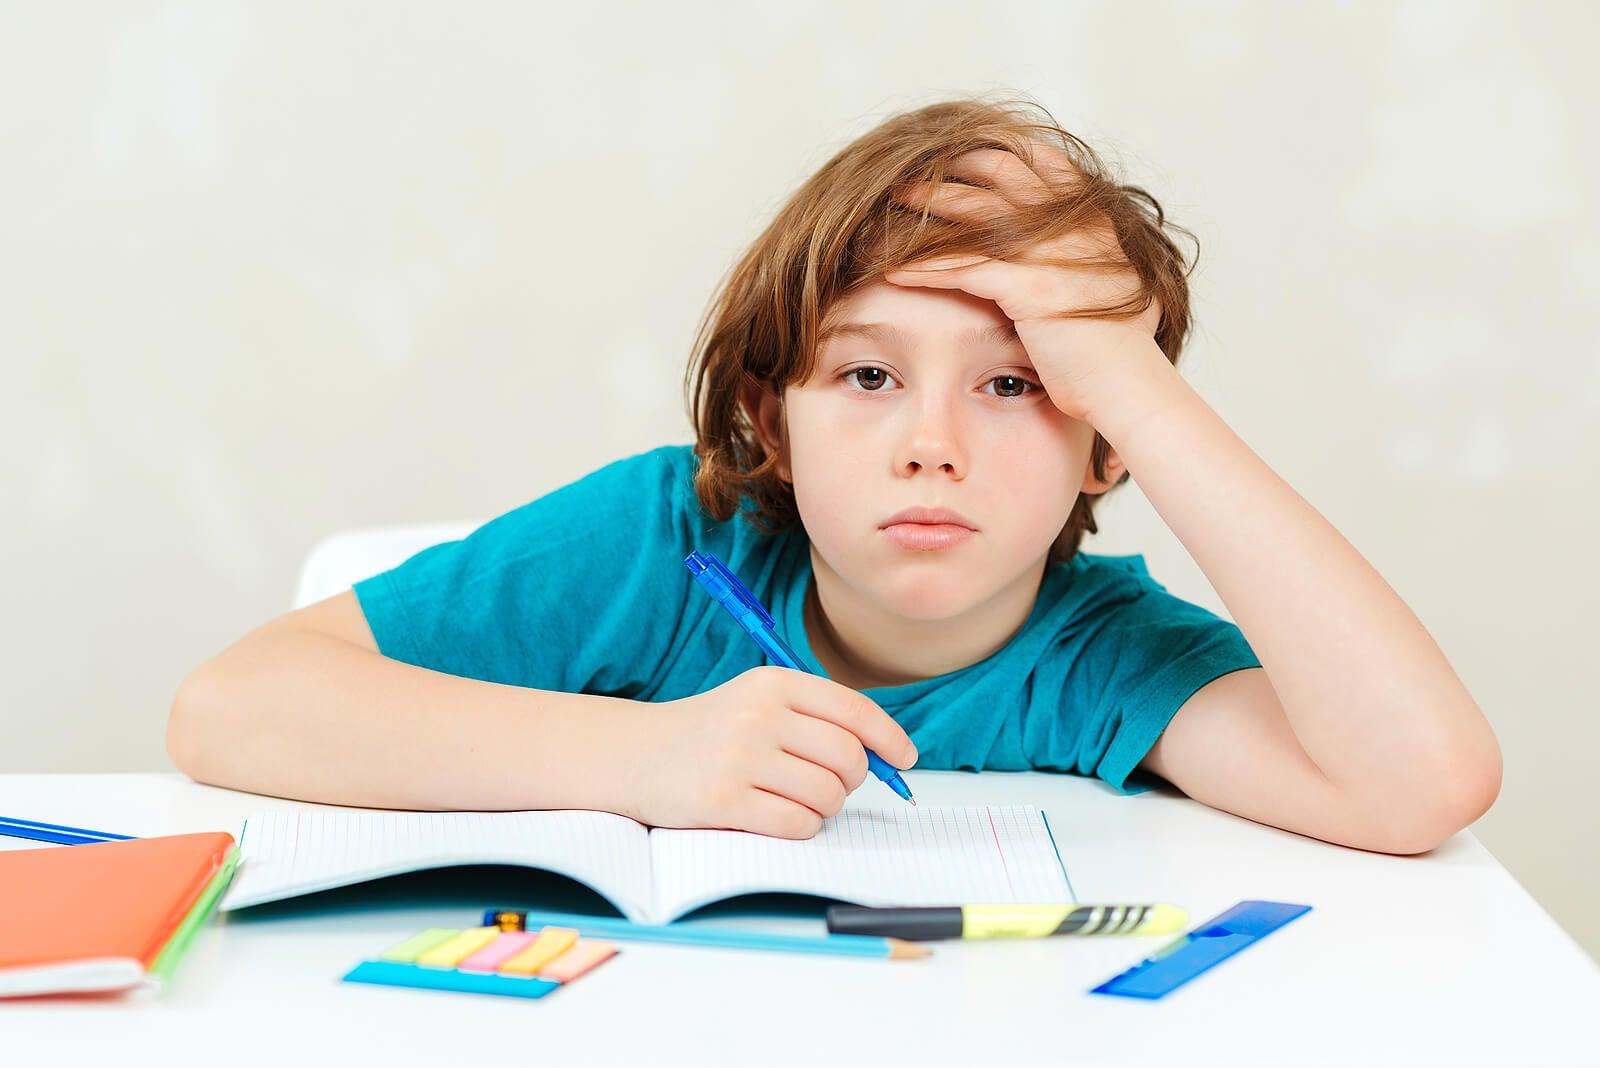 Niño aburrido porque sus padres no saben cómo motivar a los niños a hacer los deberes.